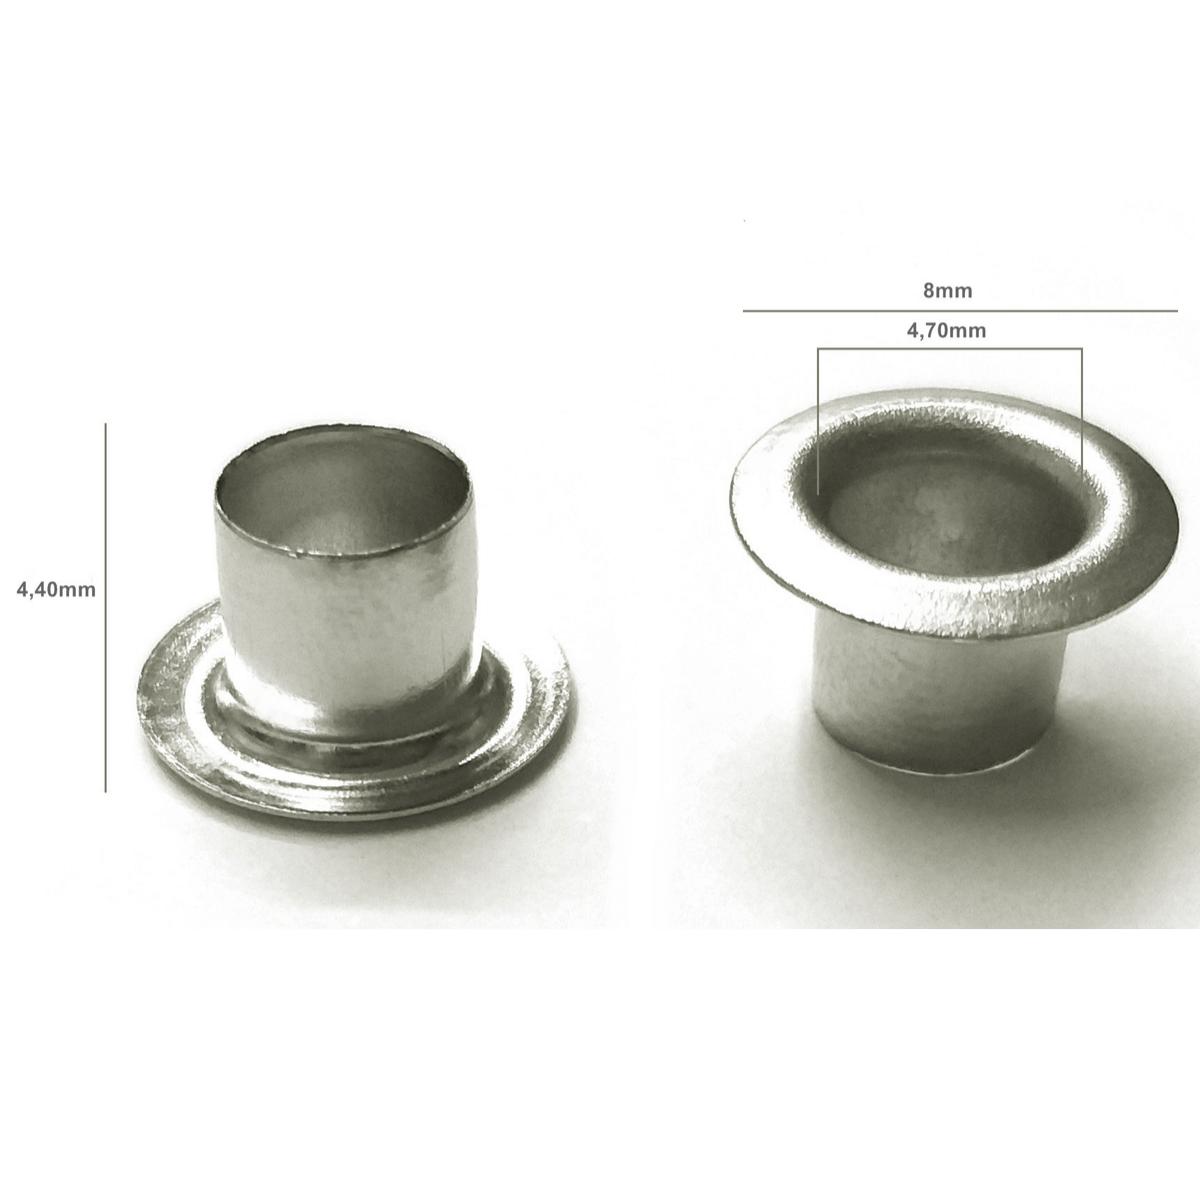 Kit Ilhós nº 54 Alumínio 6 cores